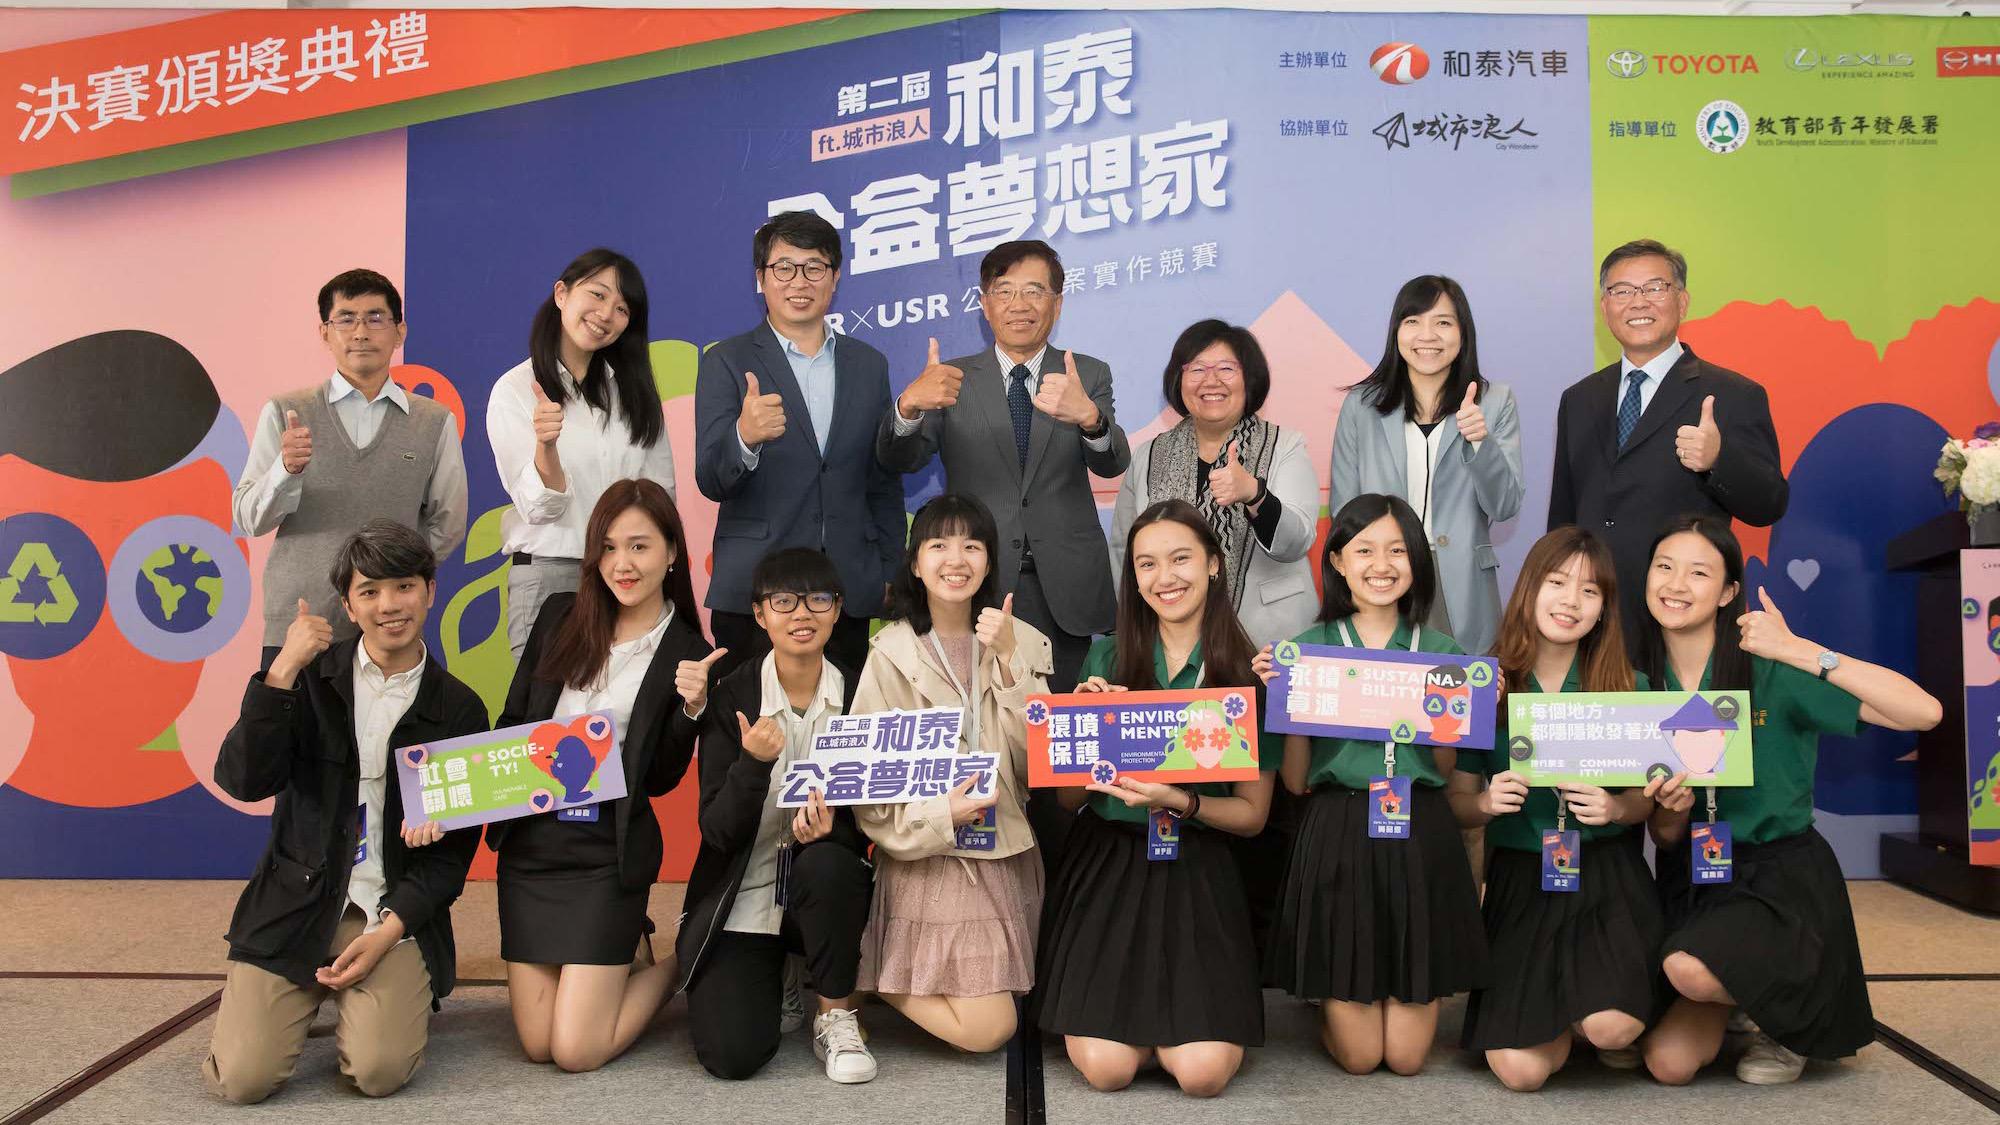 和泰「公益夢想家」優勝團隊出爐 實作基金助青年築夢